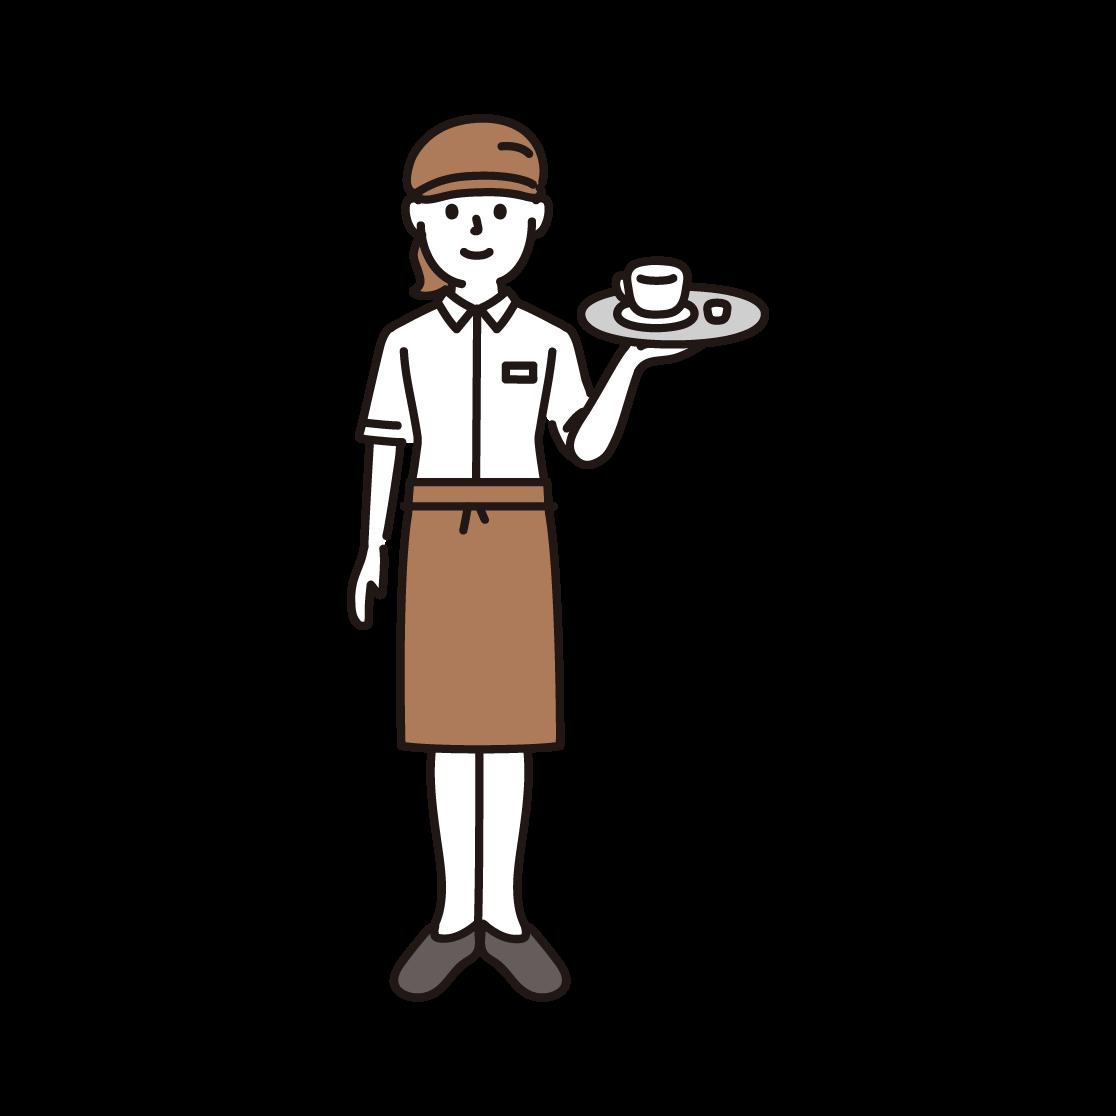 カフェ店員・ウェイトレス